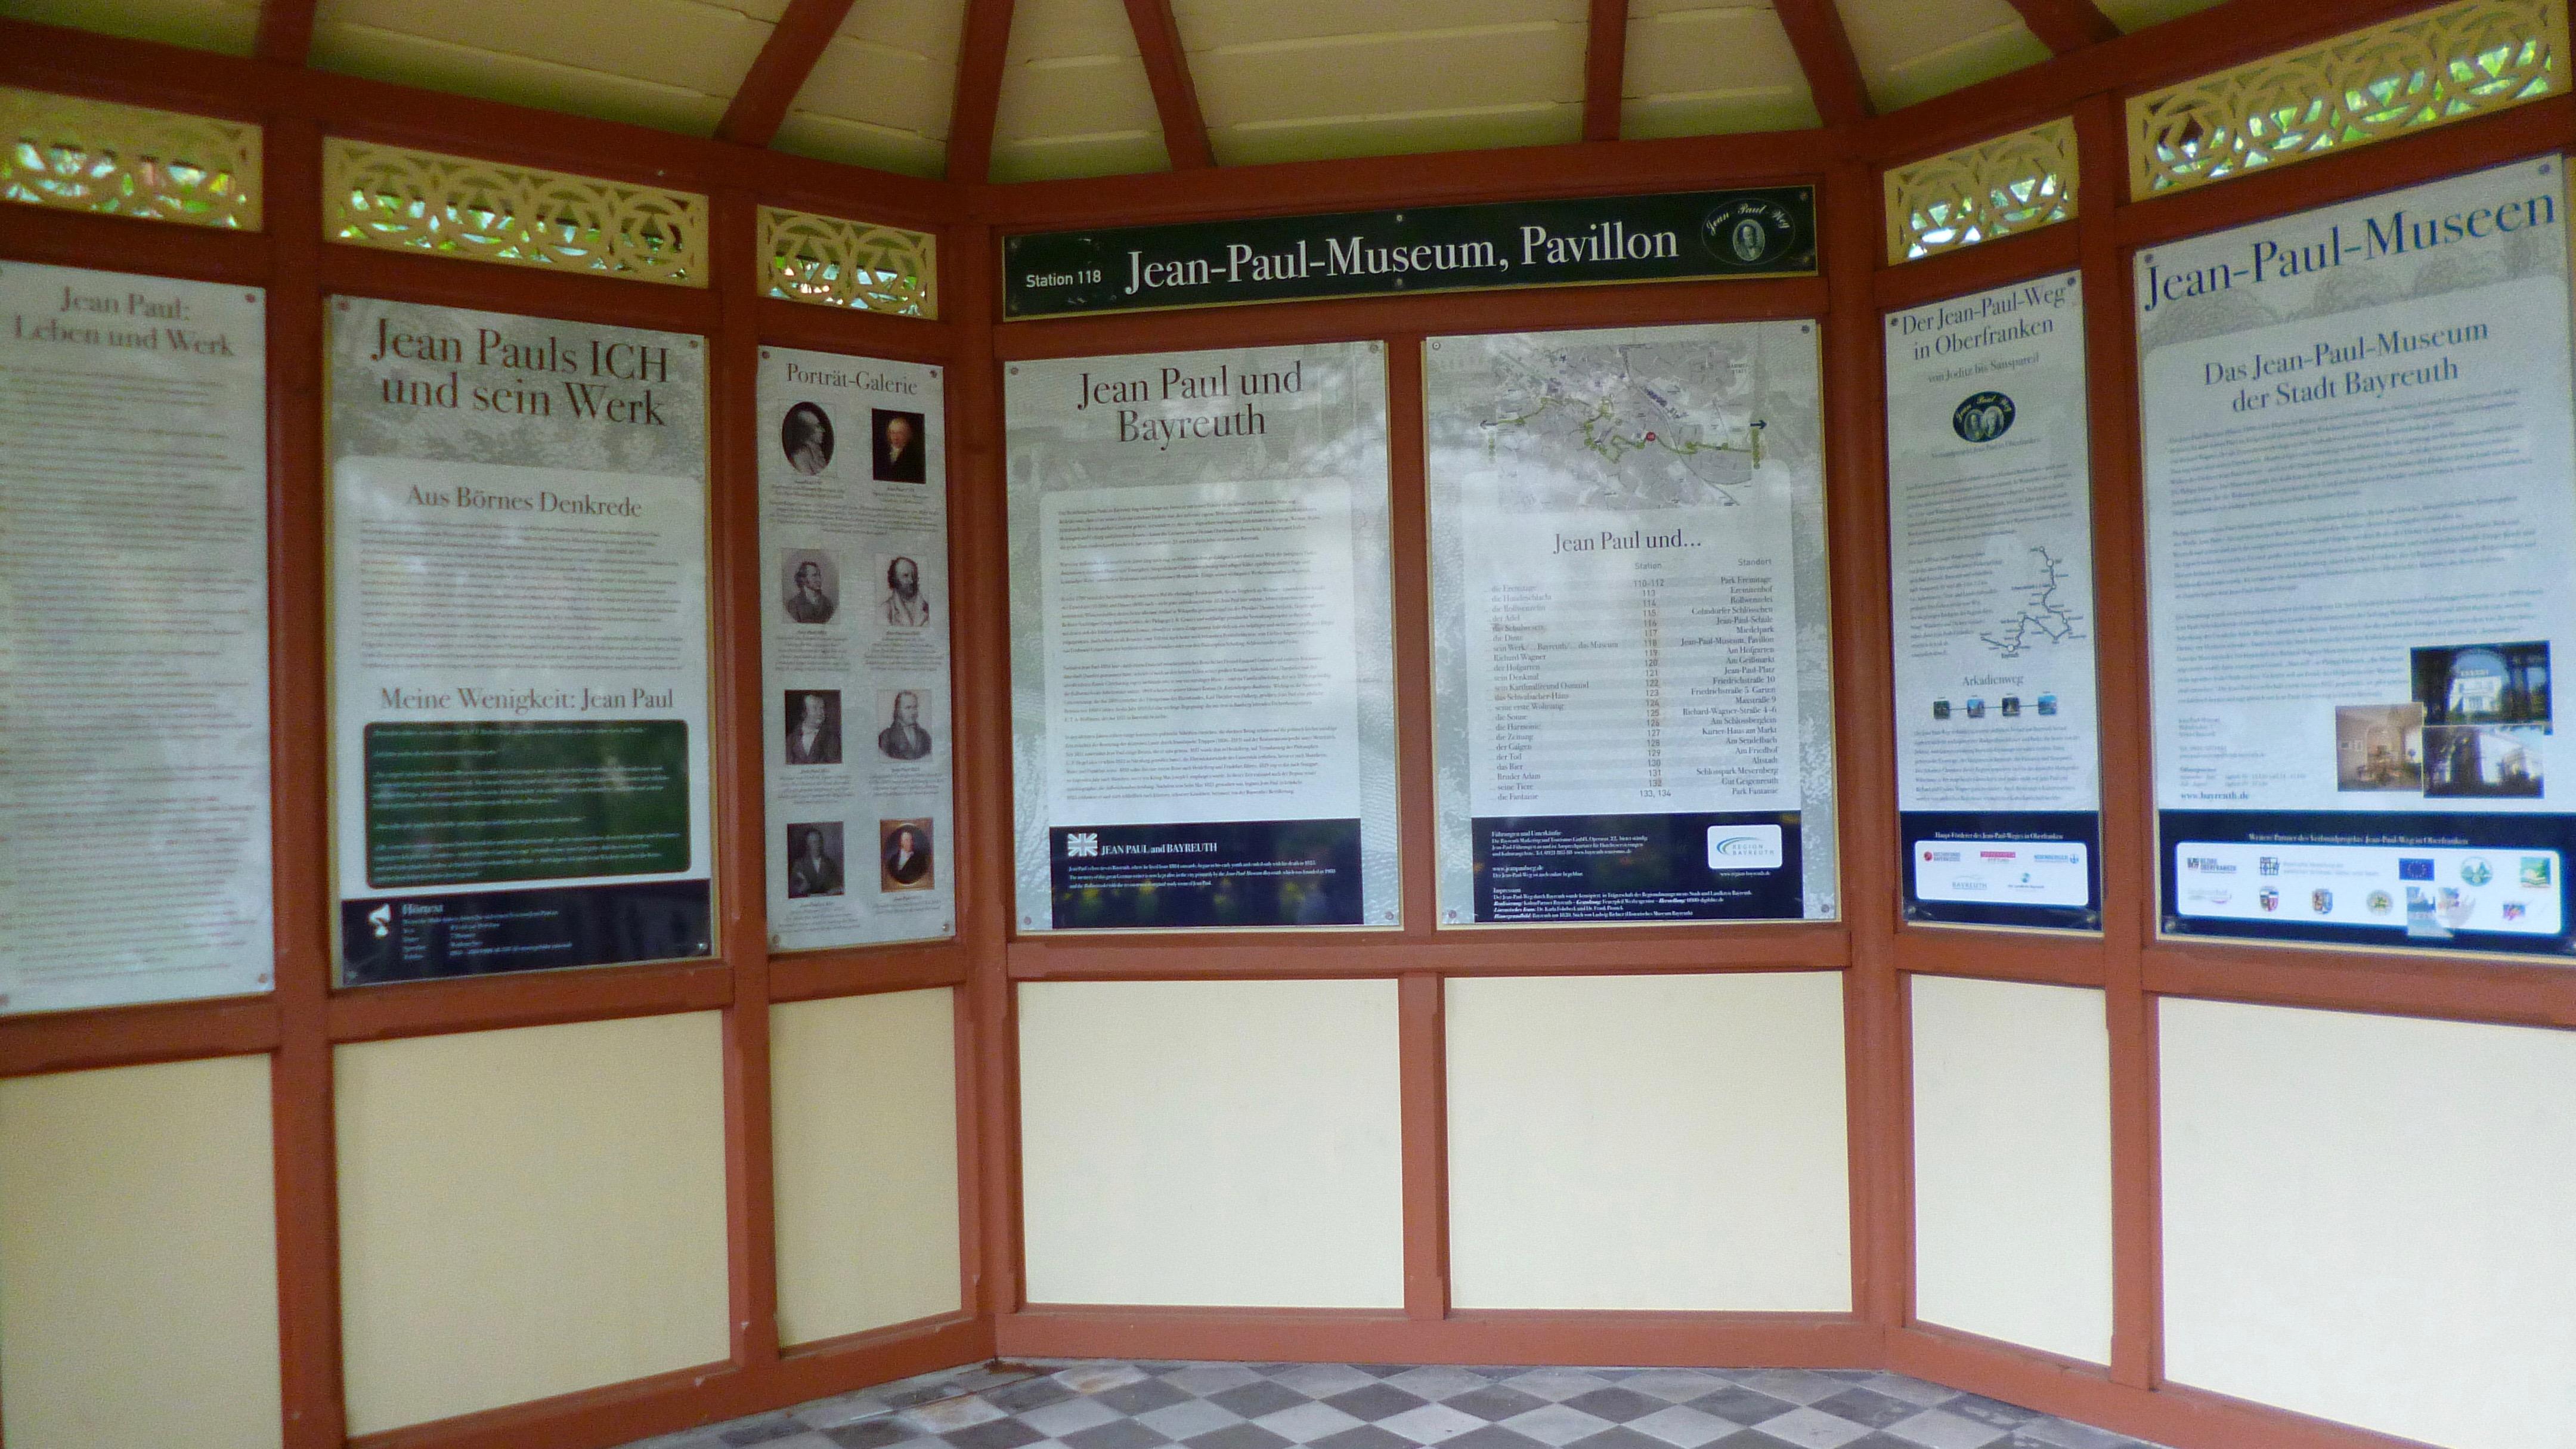 Groß- und Sonderstation 118 »Jean Pauls Ich & sein Werk«  im Gartenpavillon des Jean-Paul-Museums